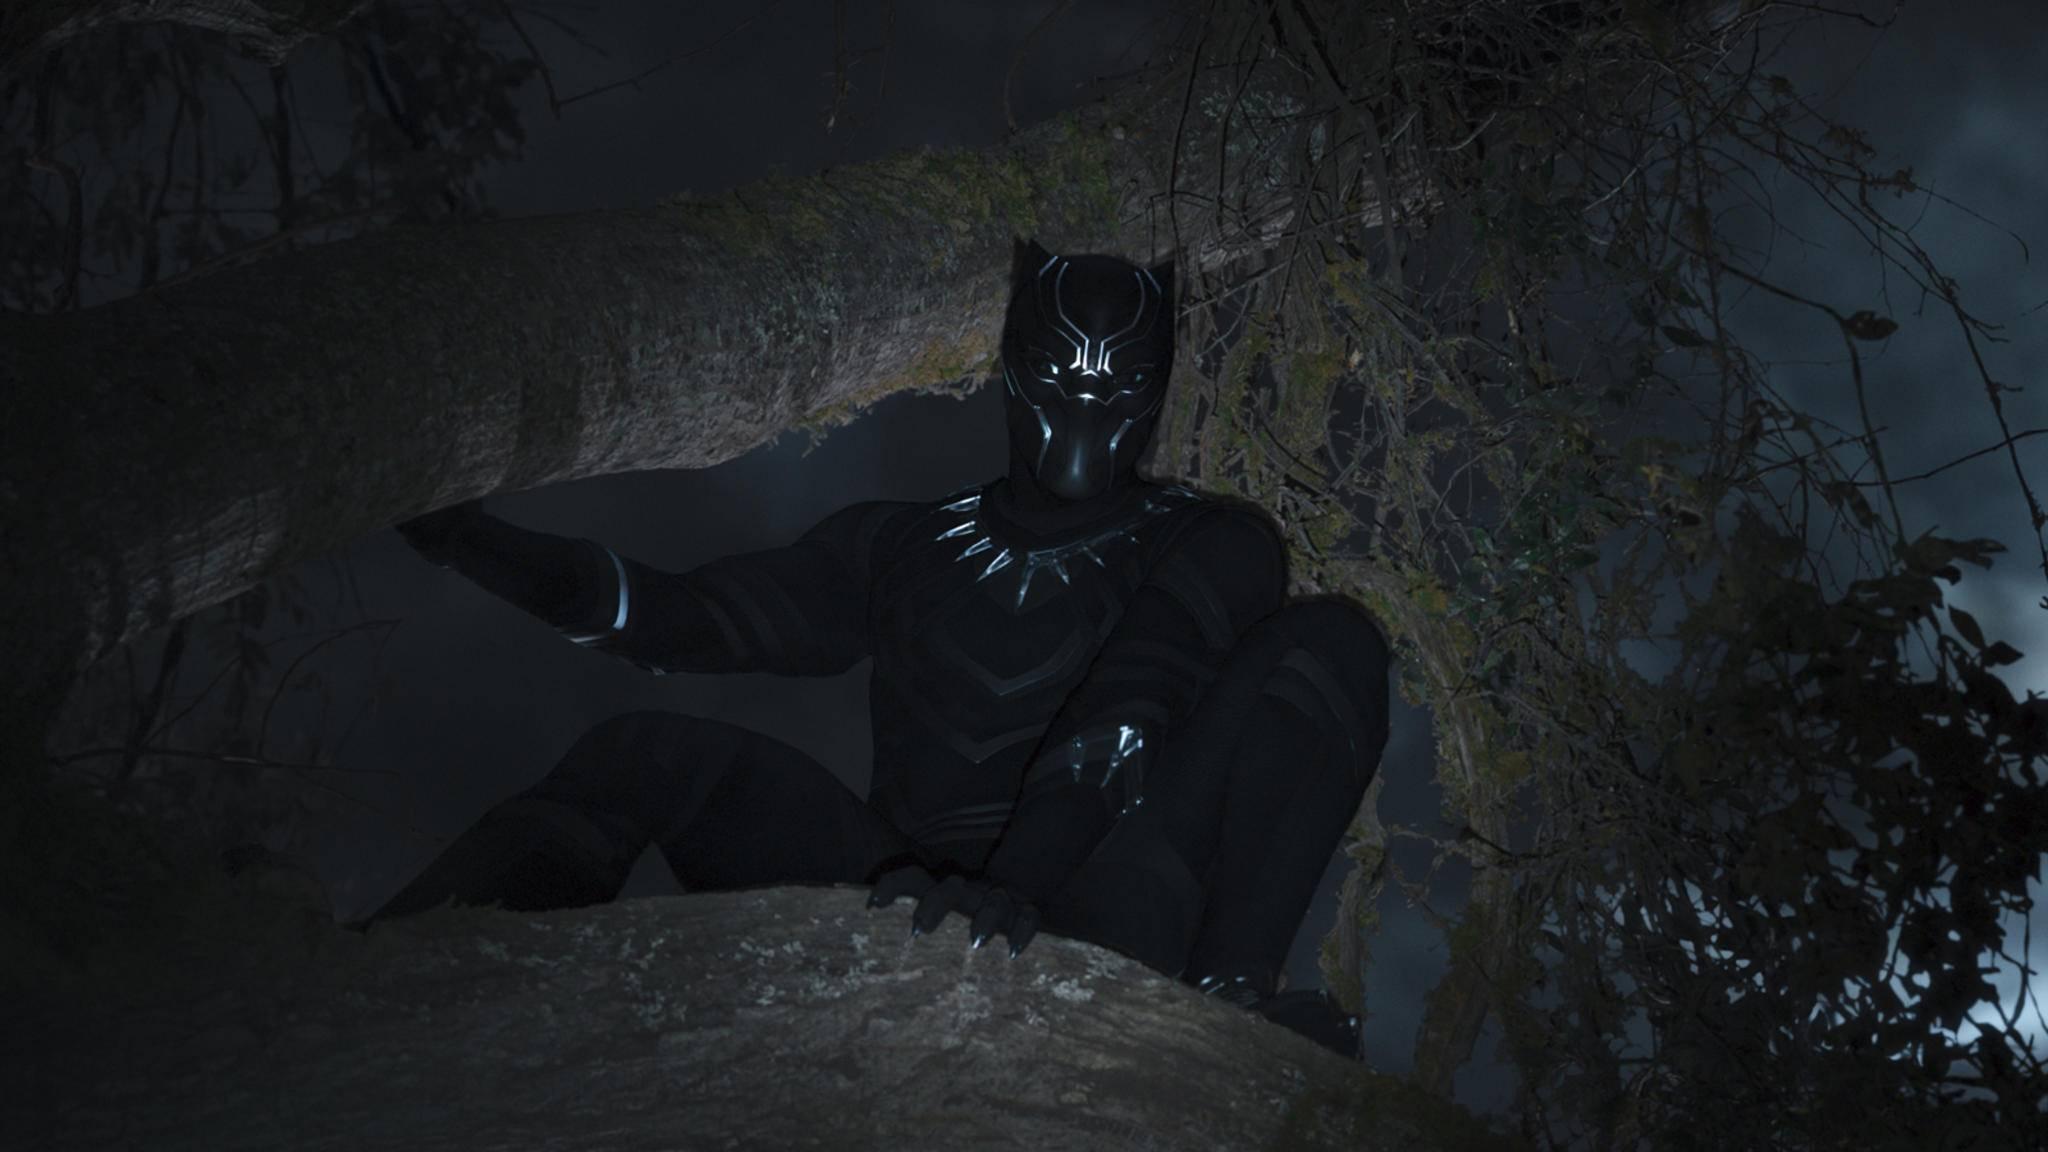 Der Black Panther verdankt seine Kraft einer ägyptischen Gottheit – und das, obwohl Wakanda laut Comics in Zentralafrika liegt.